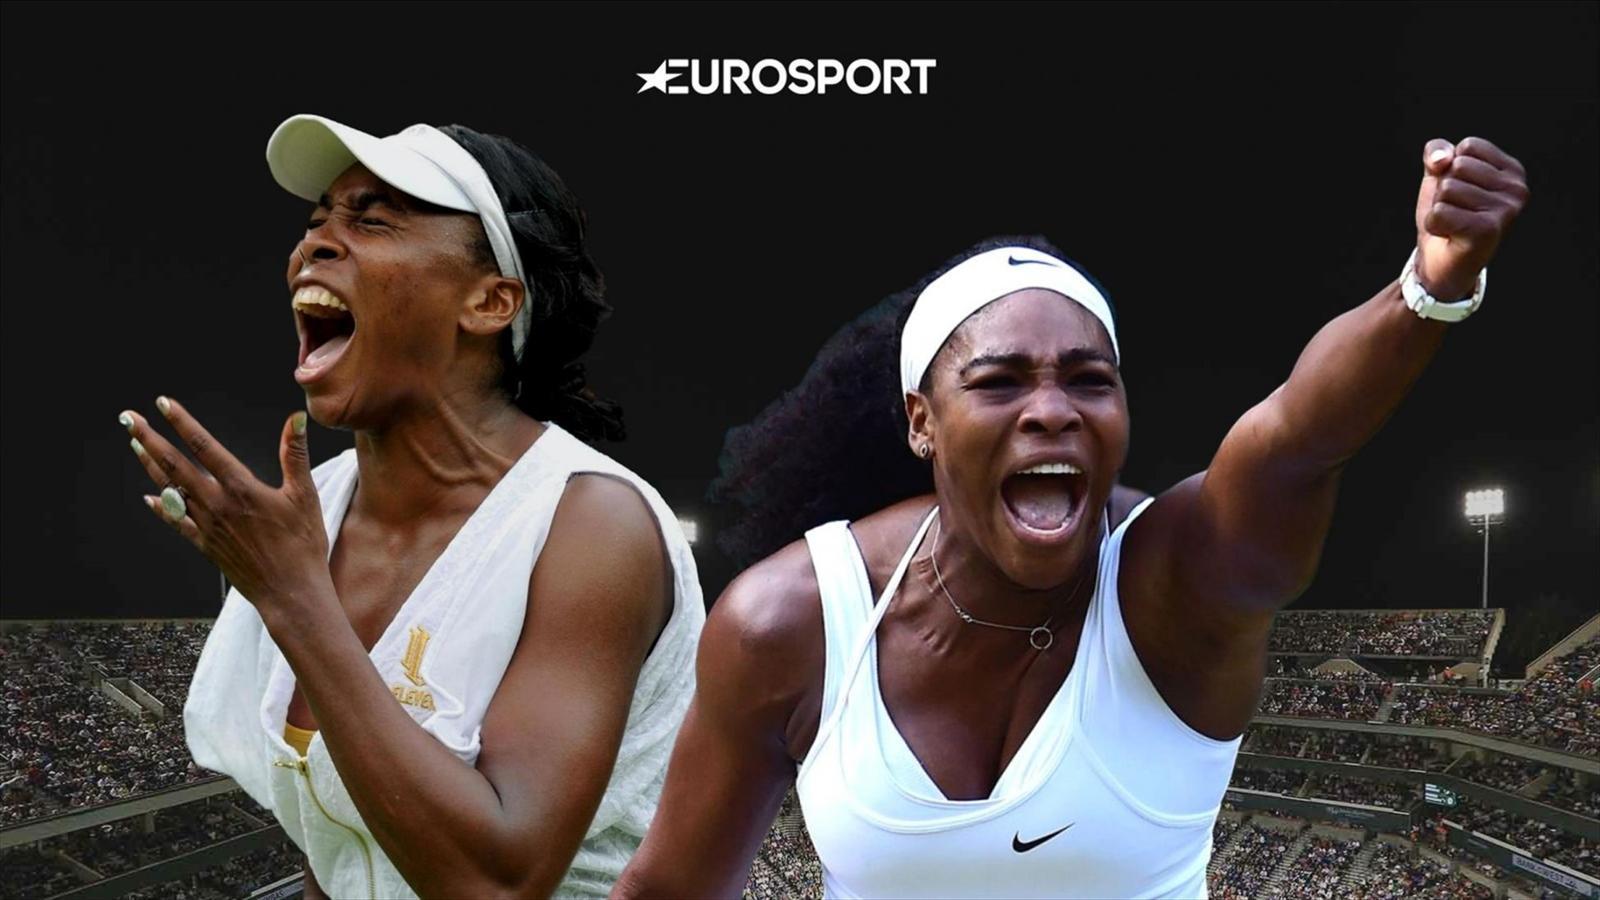 Теннис. Турнир WTA. Индиан Уэллс. Ставки на теннис на 14 Марта 2016